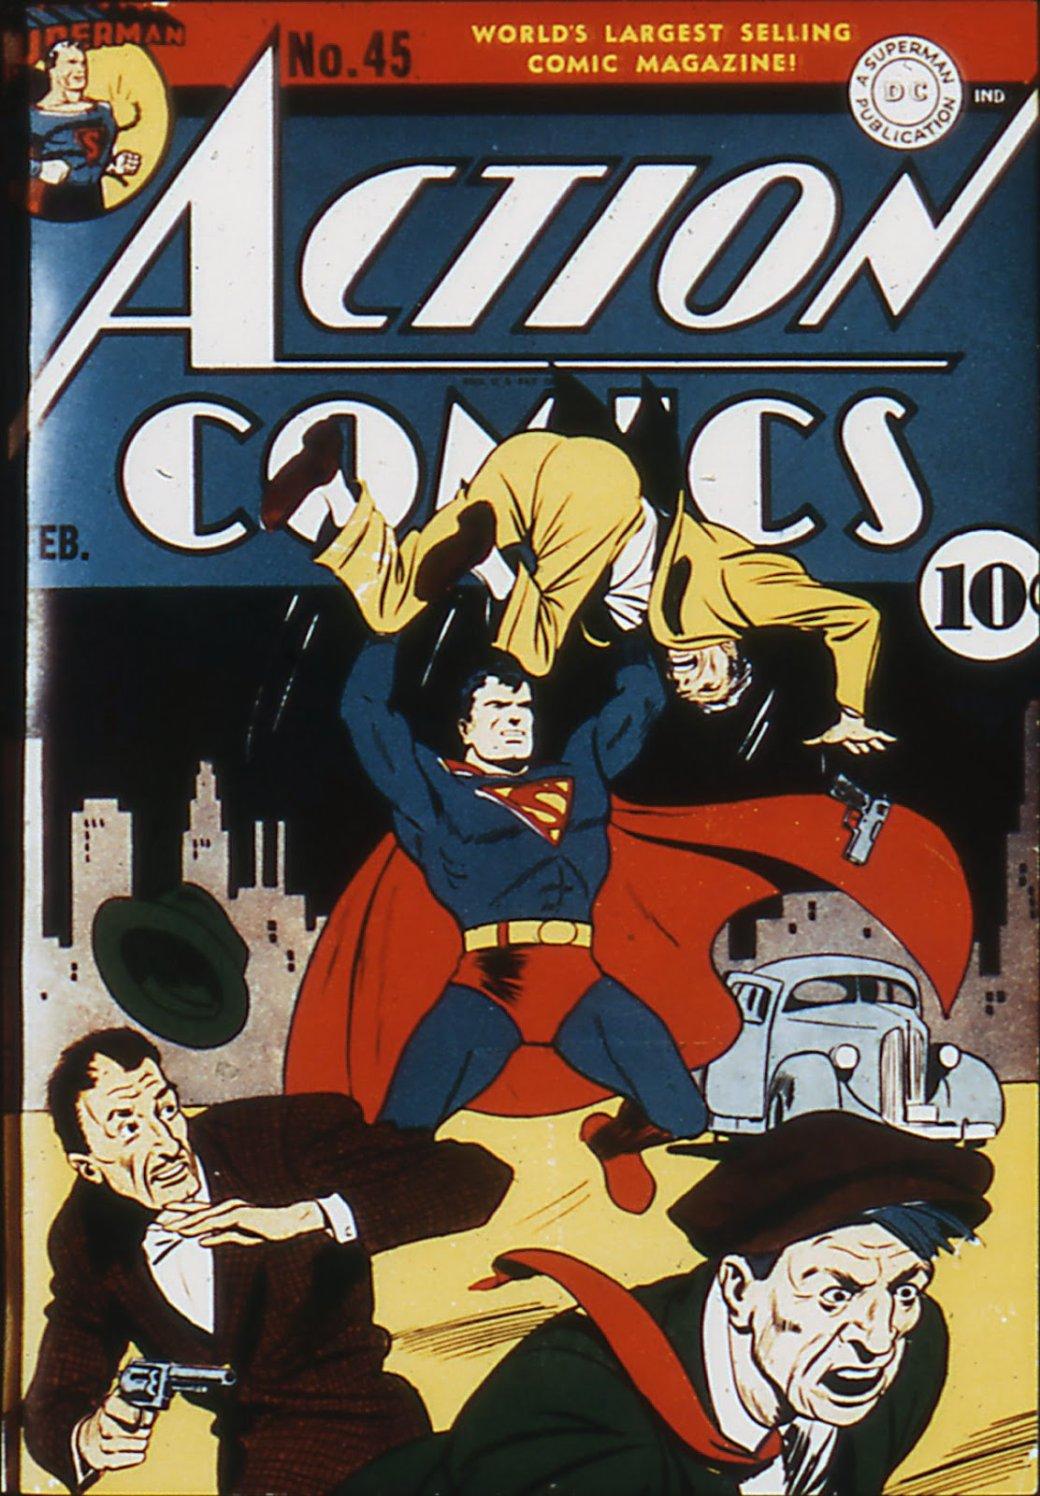 История Супермена иэволюция его образа вкомиксах | Канобу - Изображение 14